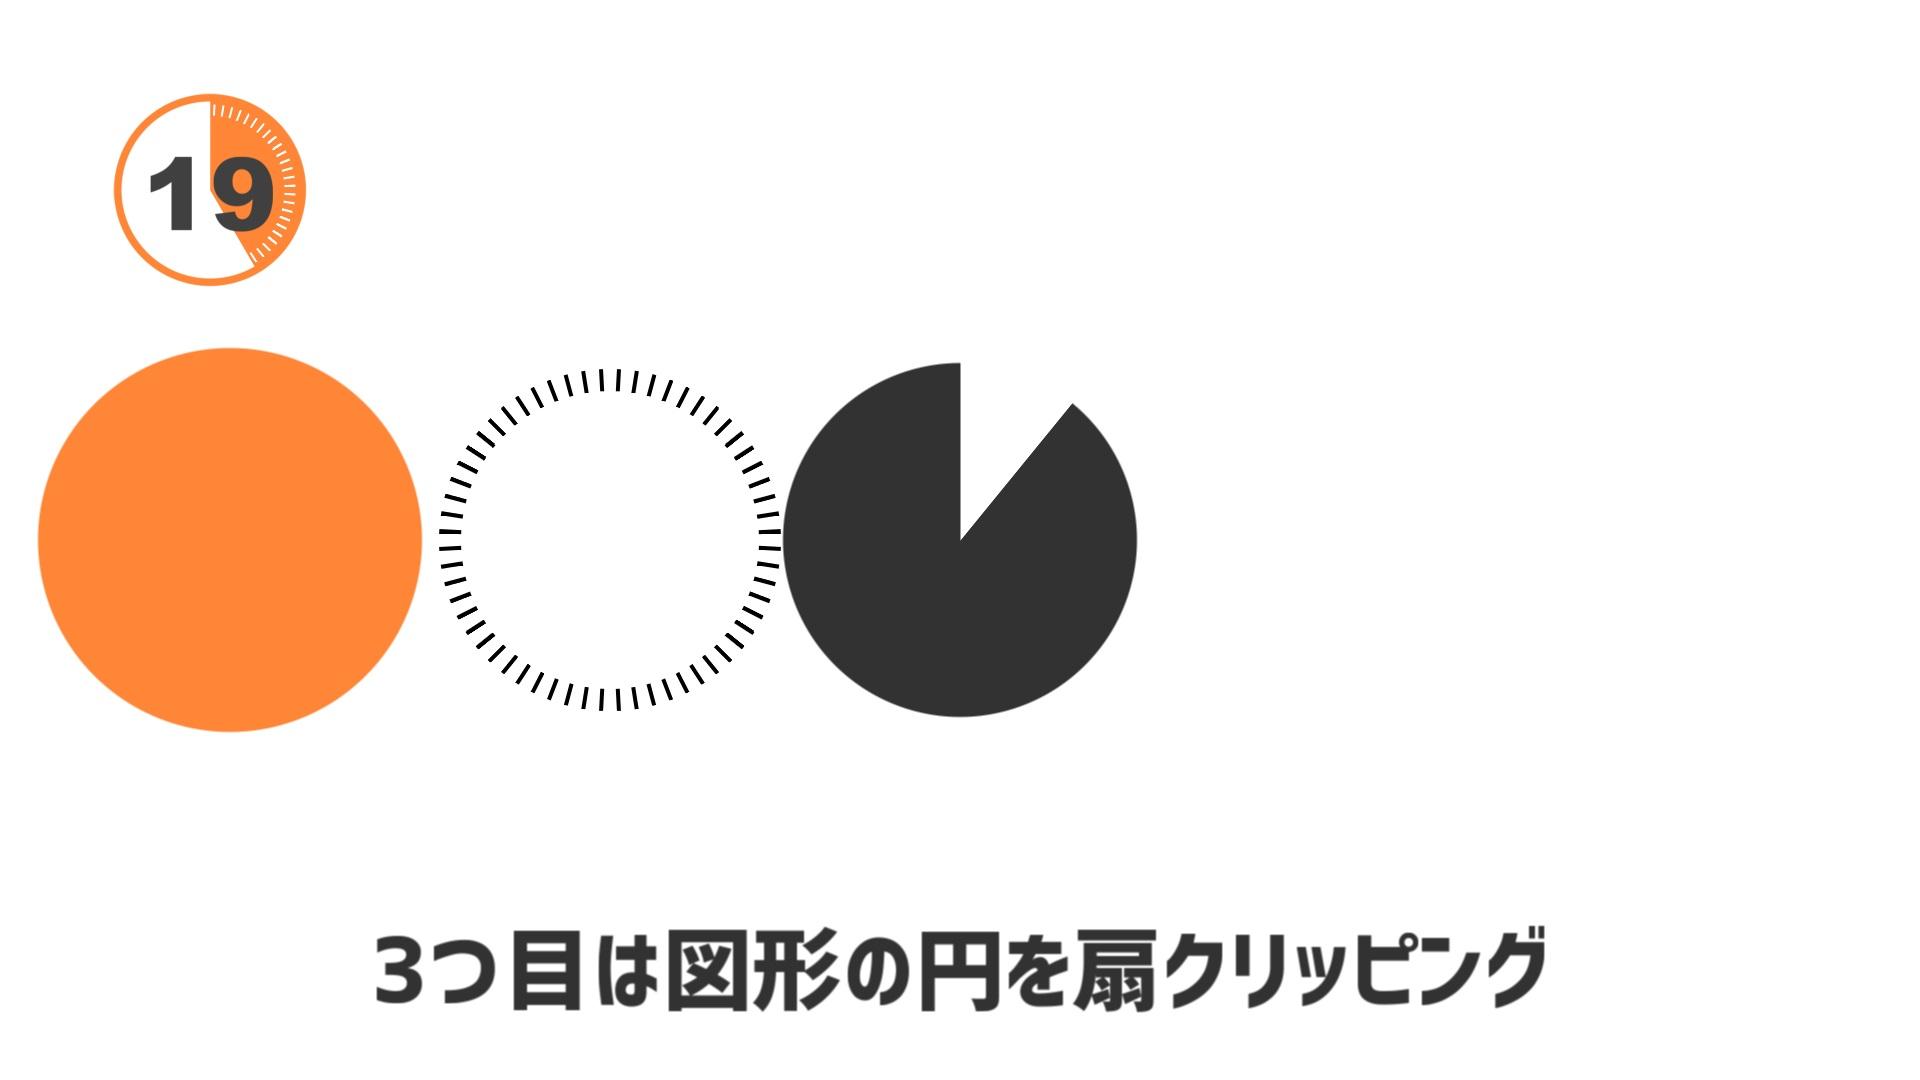 3つ目は図形の円に扇クリッピングをかけます。rikky氏が作成した扇クリッピングは以下のリンクからダウンロードしてご使用ください。rikkyさん、ありがとうございます!